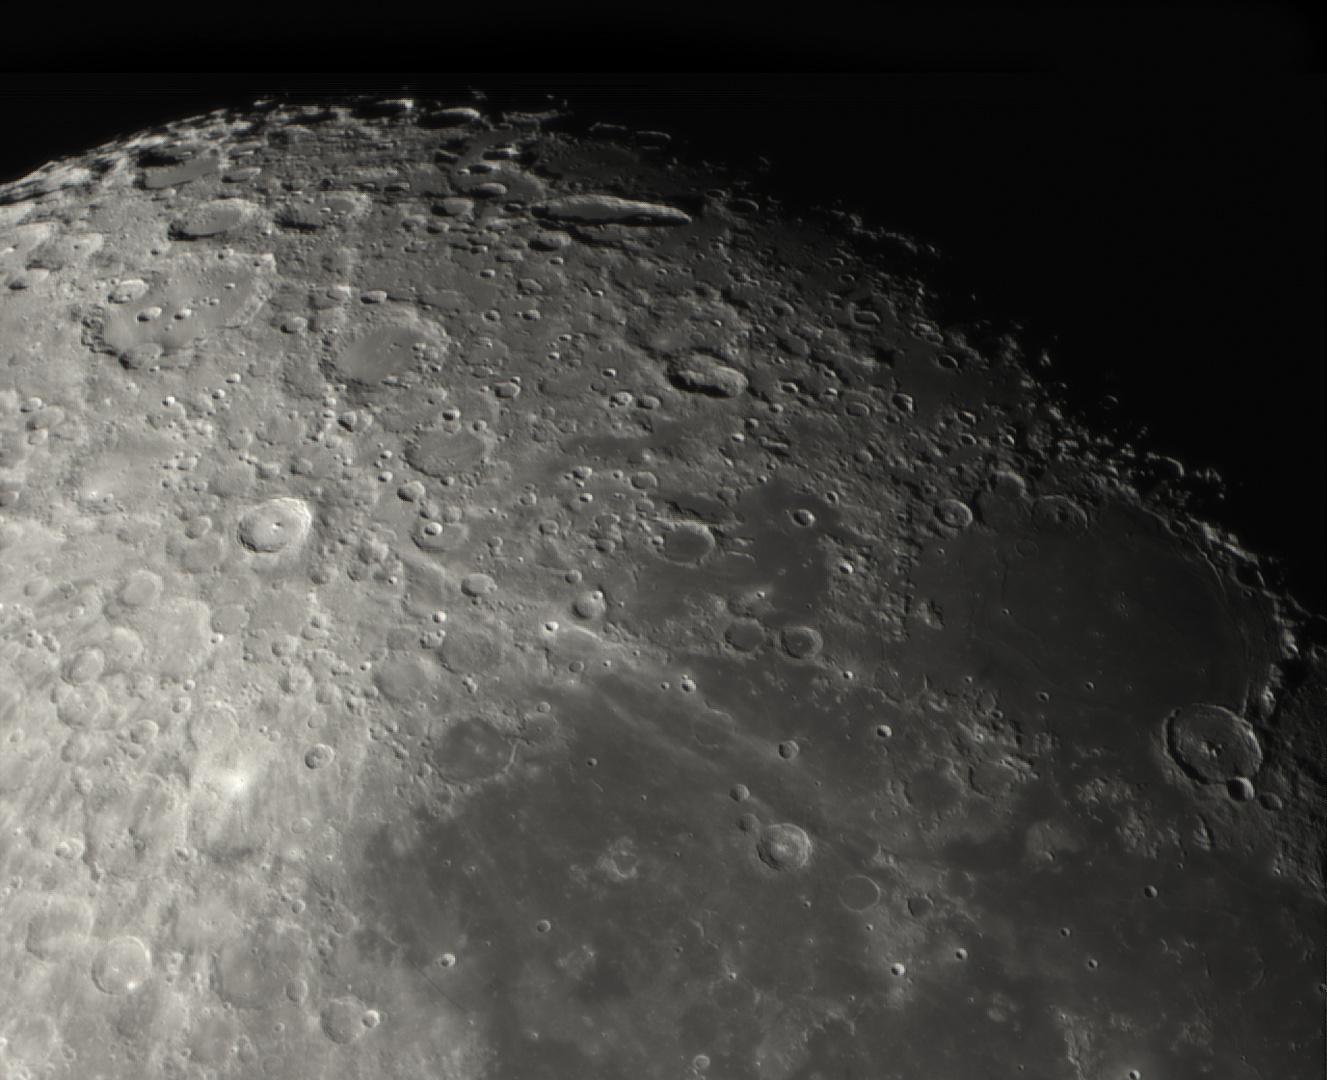 Süd Region des Mondes am 10.05.2014 um 23:38 Uhr